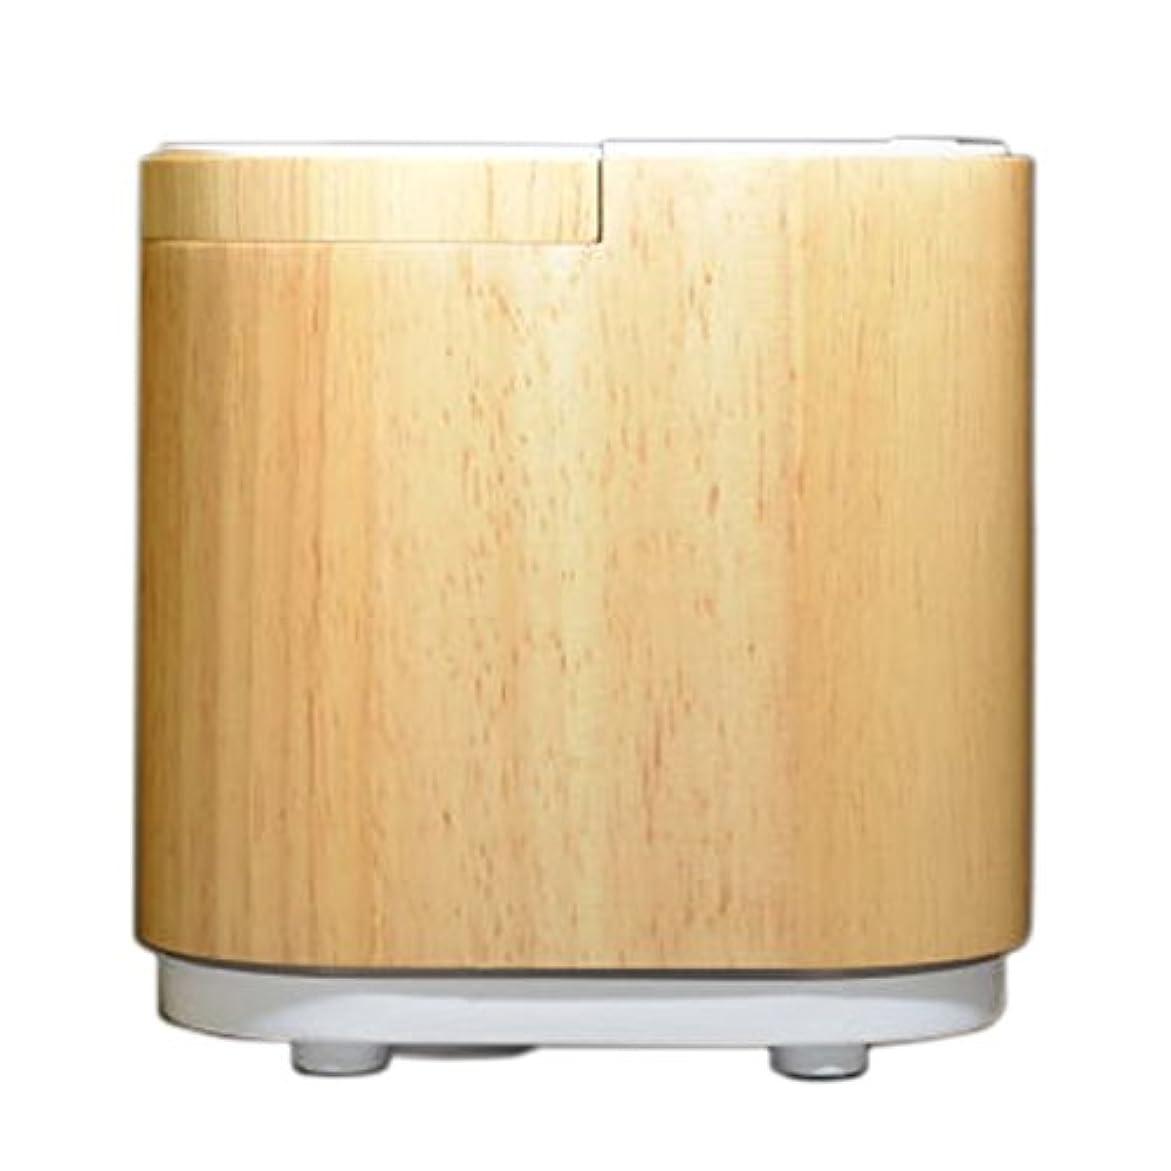 つば純粋な審判生活の木 アロモアウッド [aromore] エッセンシャルオイルディフューザー アロマディフューザー